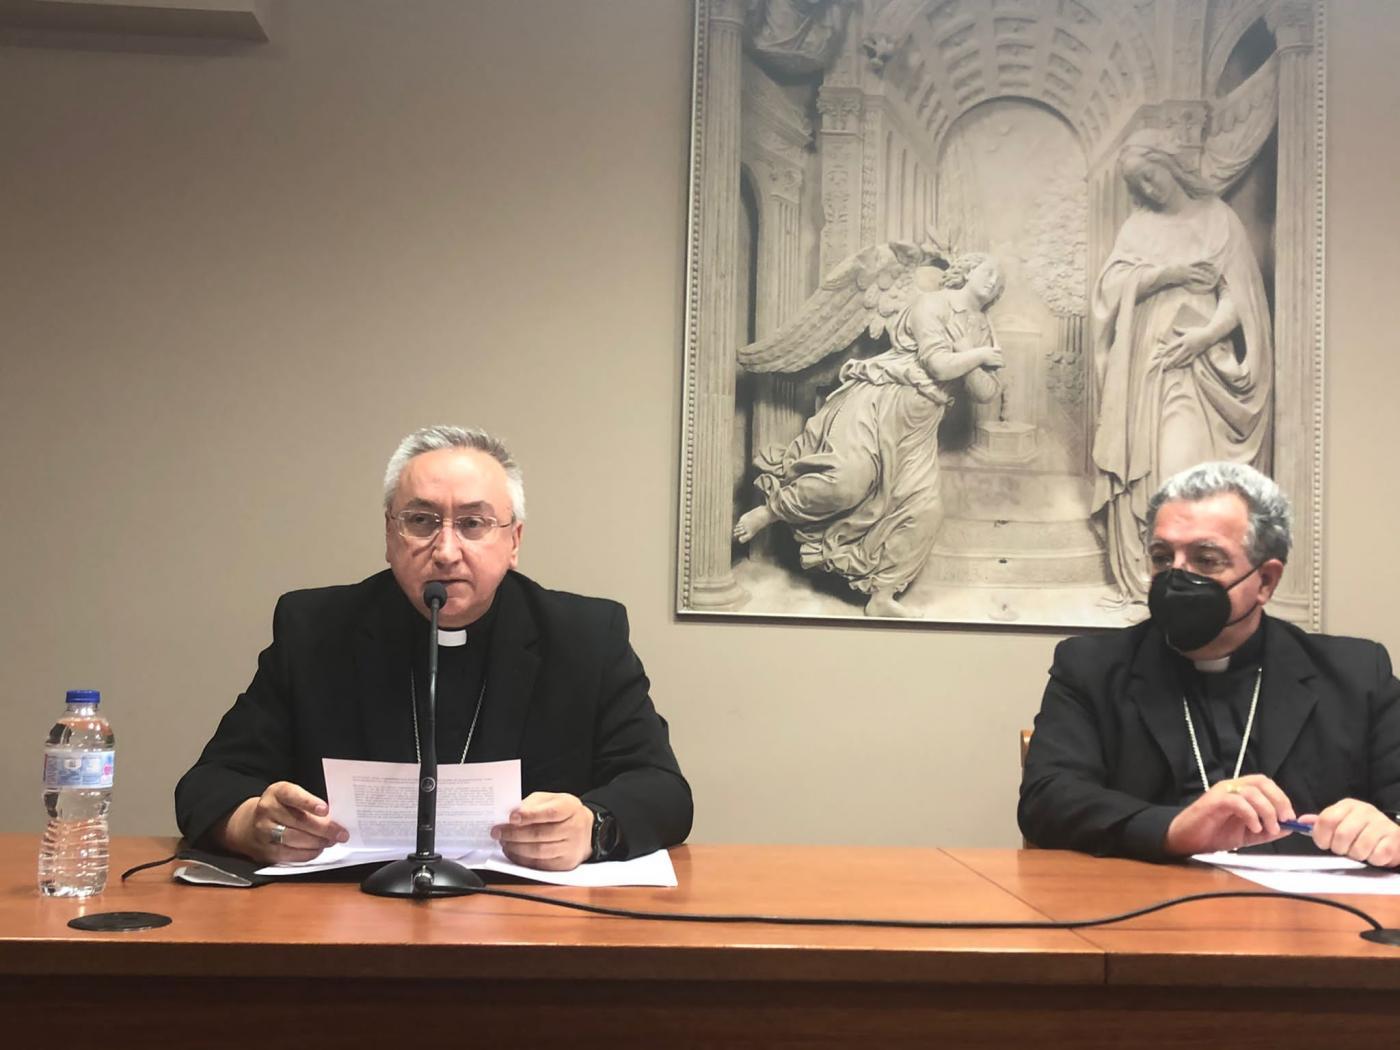 Más de veinte obispos arroparán a Rico Pavés en su llegada a Jerez